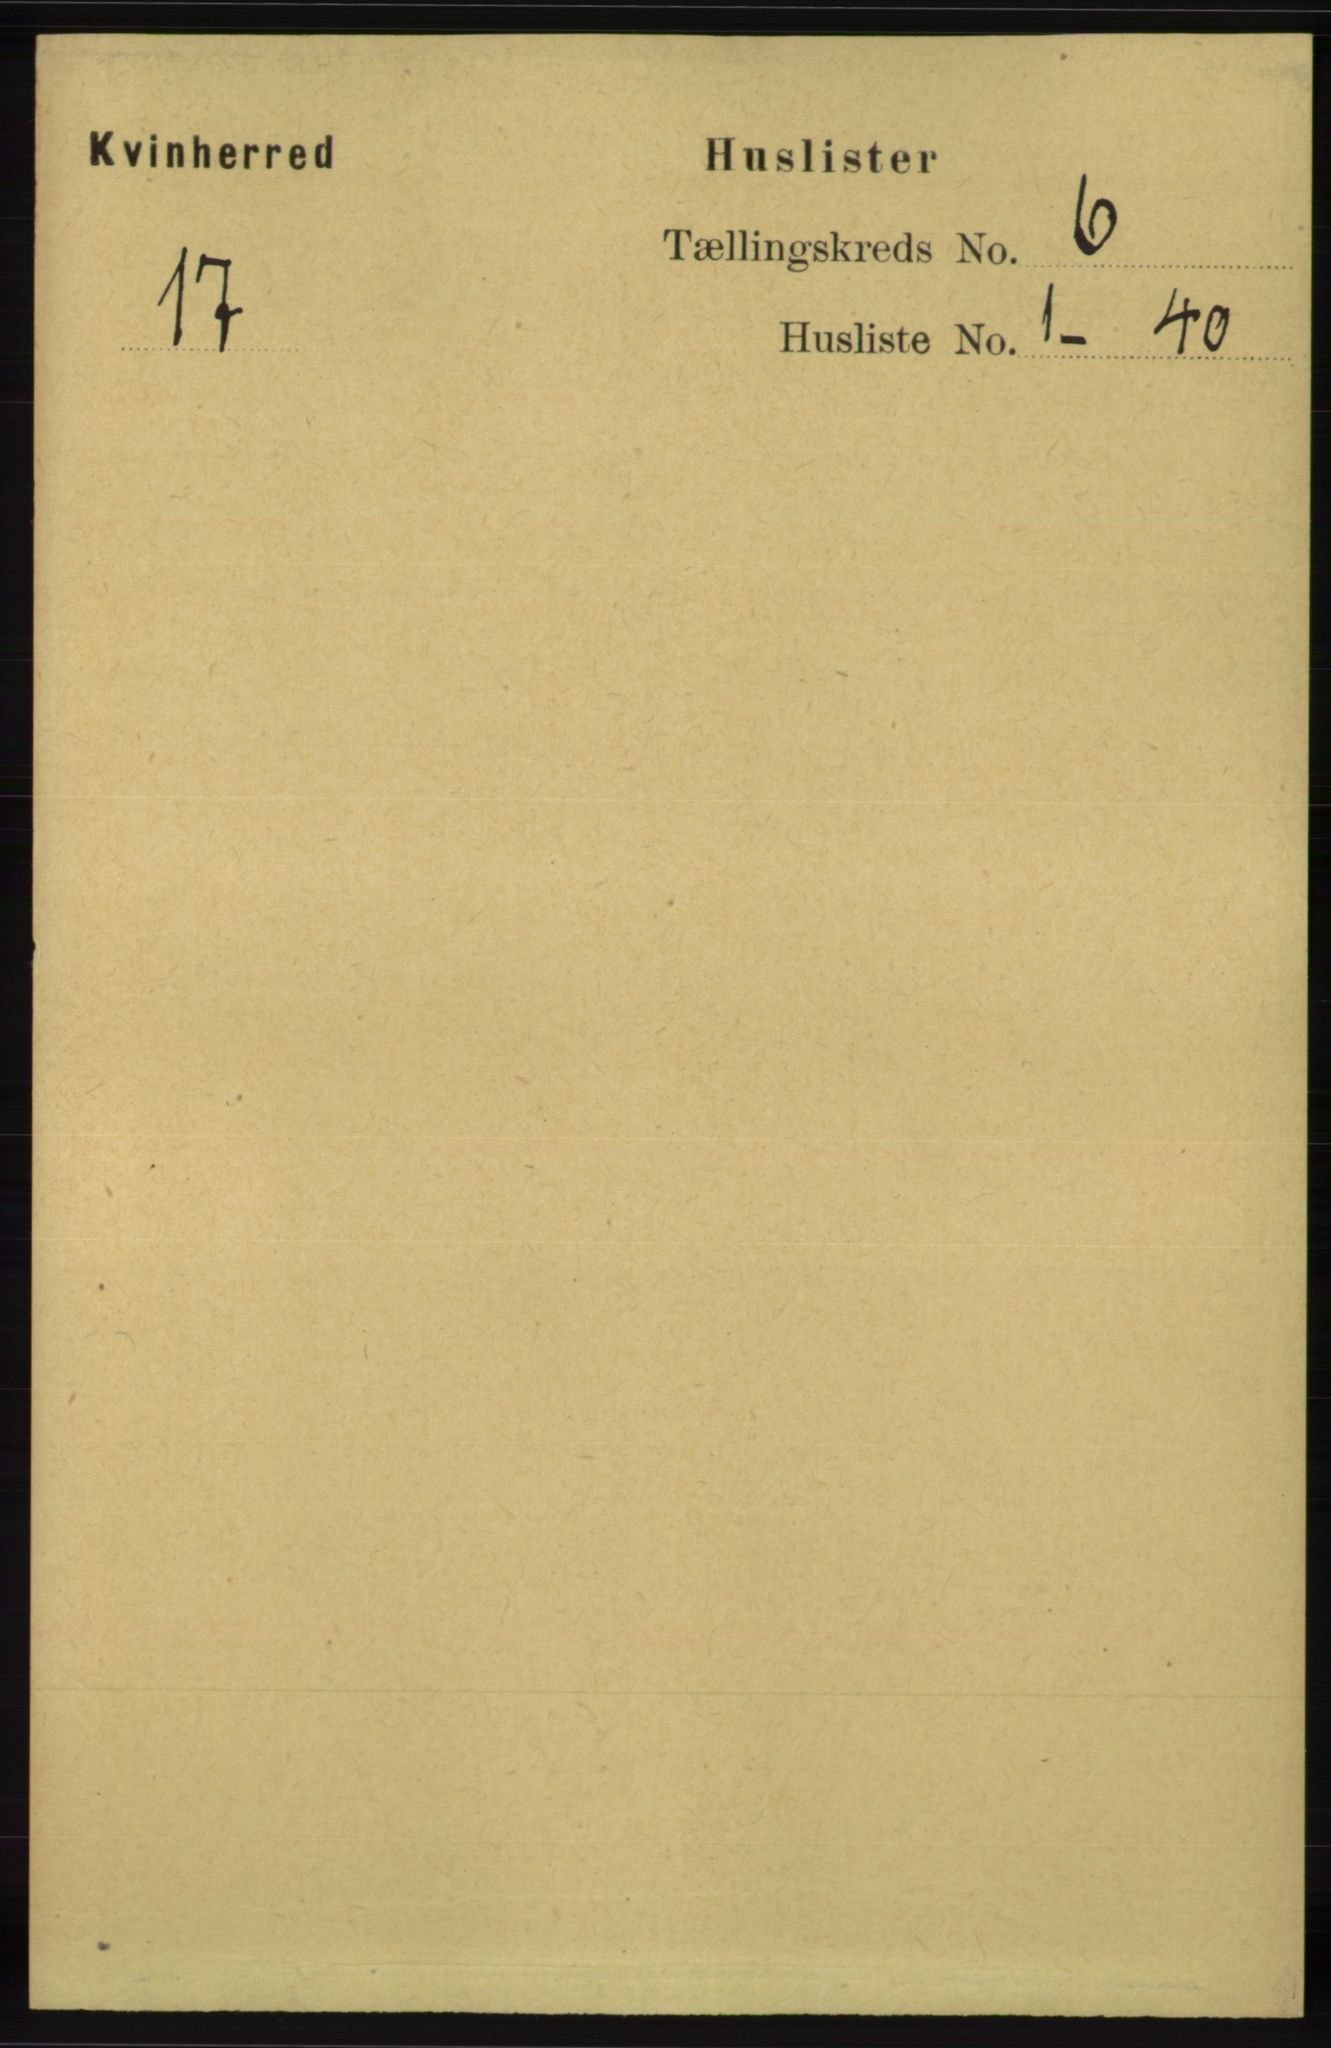 RA, Folketelling 1891 for 1224 Kvinnherad herred, 1891, s. 2078